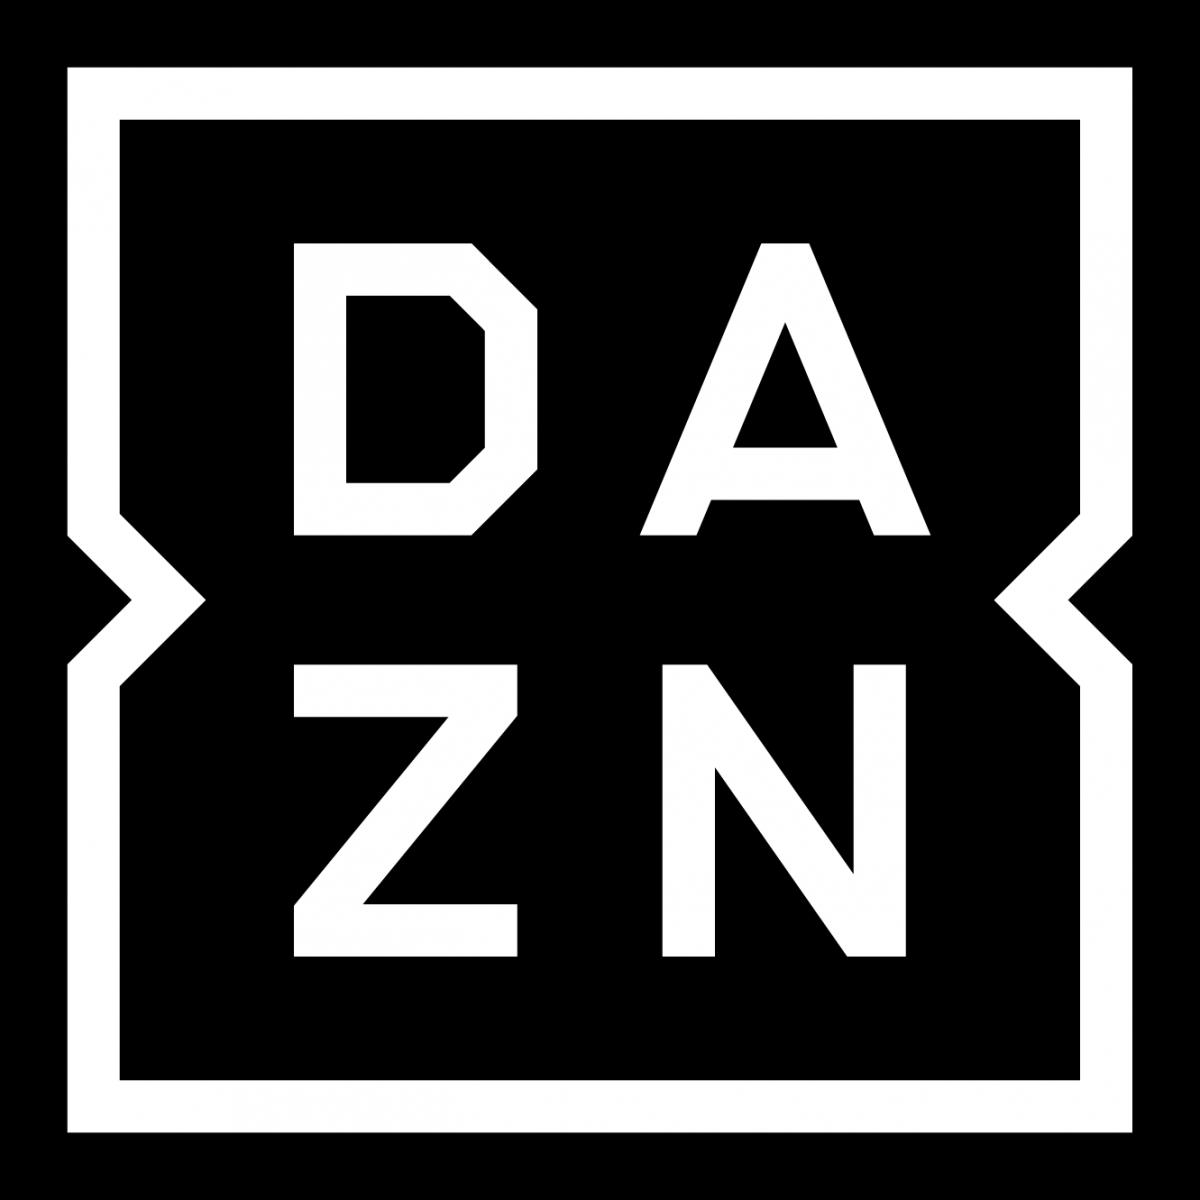 خرید اشتراک DAZN